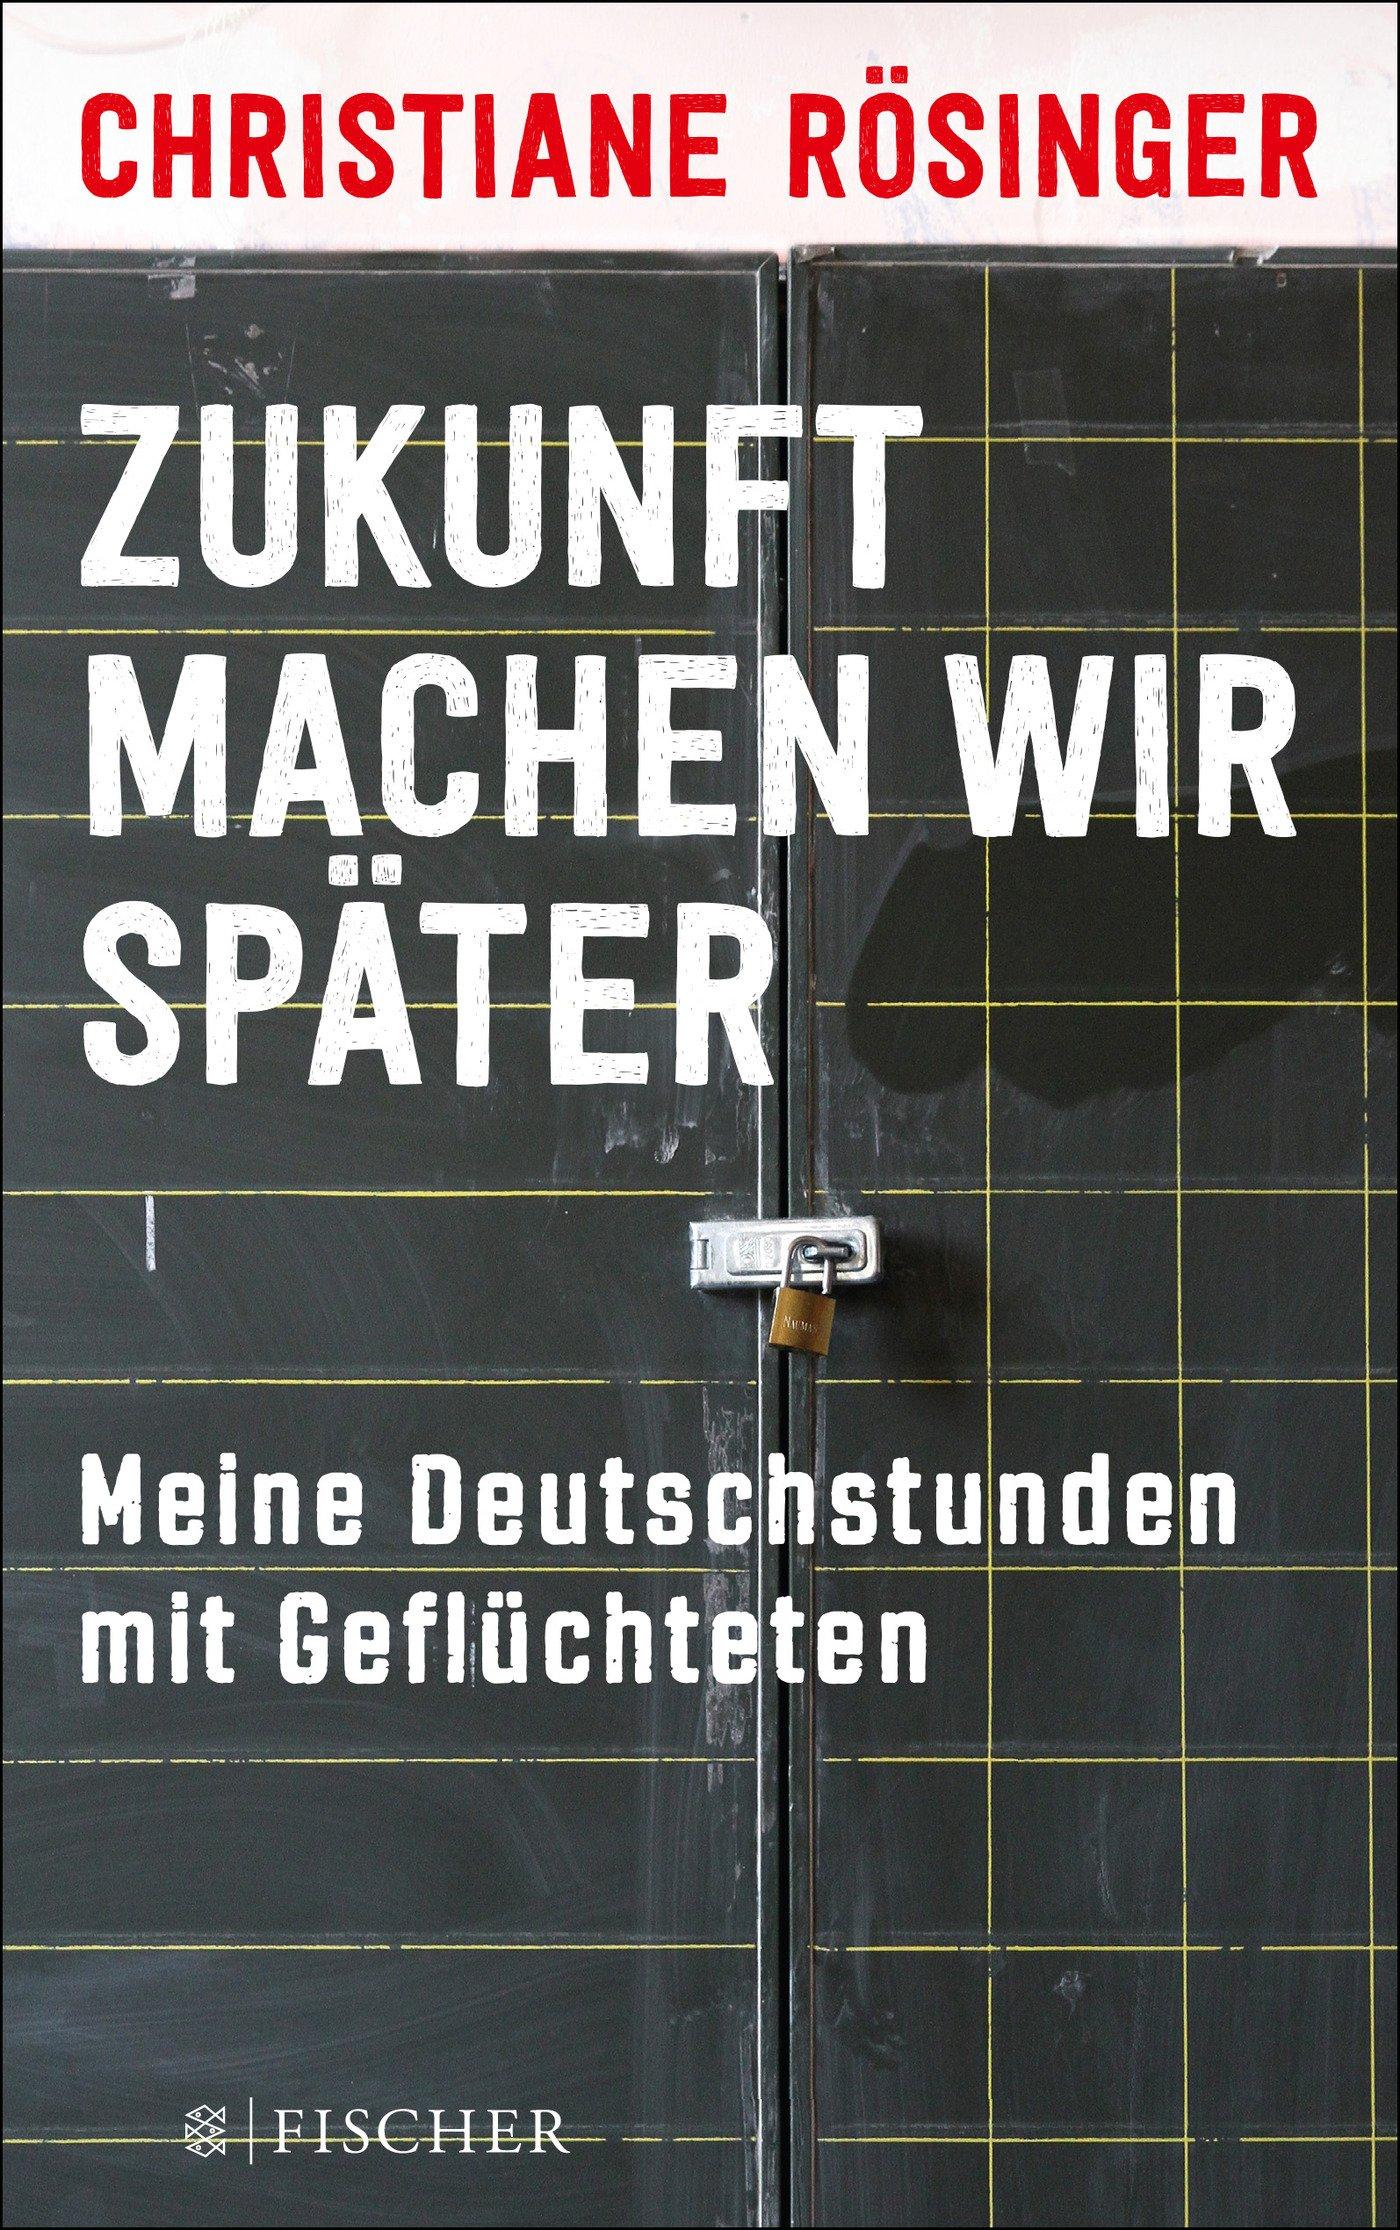 Zukunft machen wir später: Meine Deutschstunden mit Geflüchteten:  Amazon.de: Christiane Rösinger: Bücher